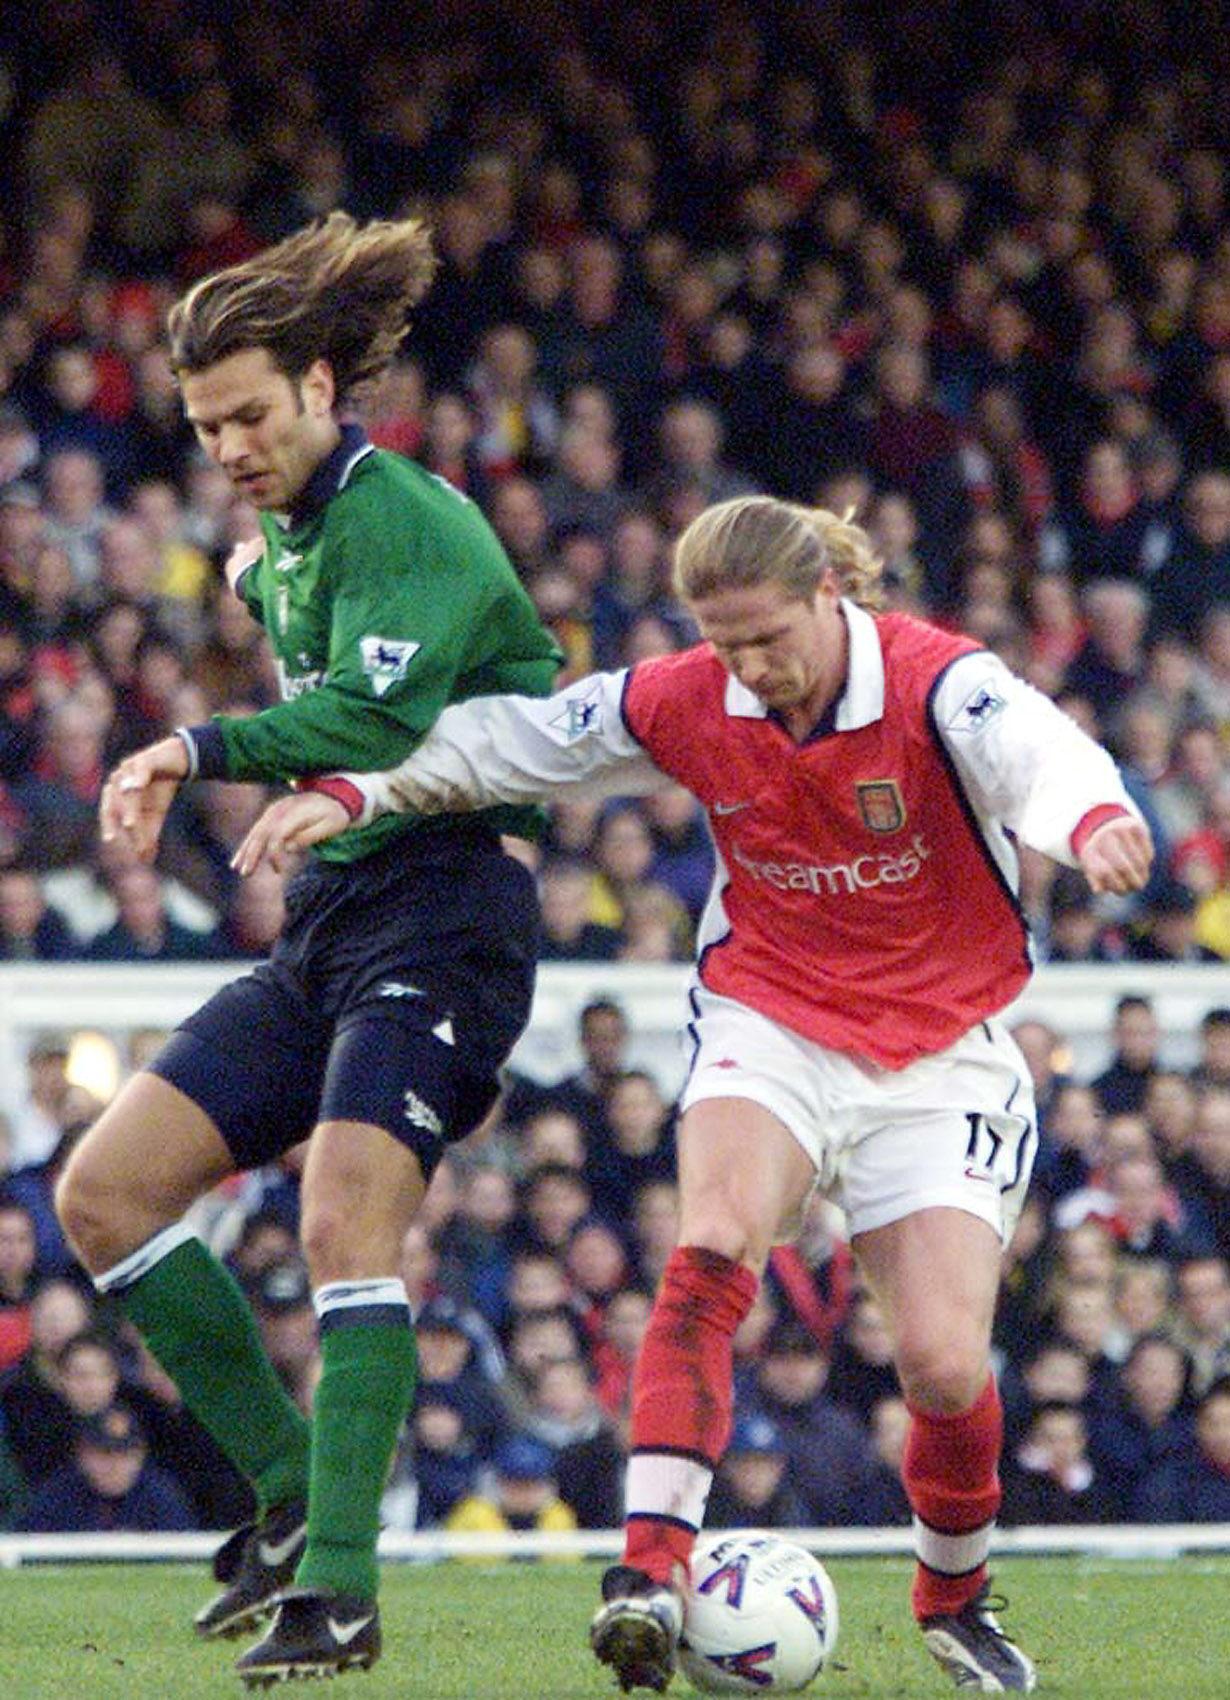 Berger, con el Liverpool, pelea con Petit, del Arsenal, en un partido de la Premier en febrero de 2000 (Archivo 20minutos).